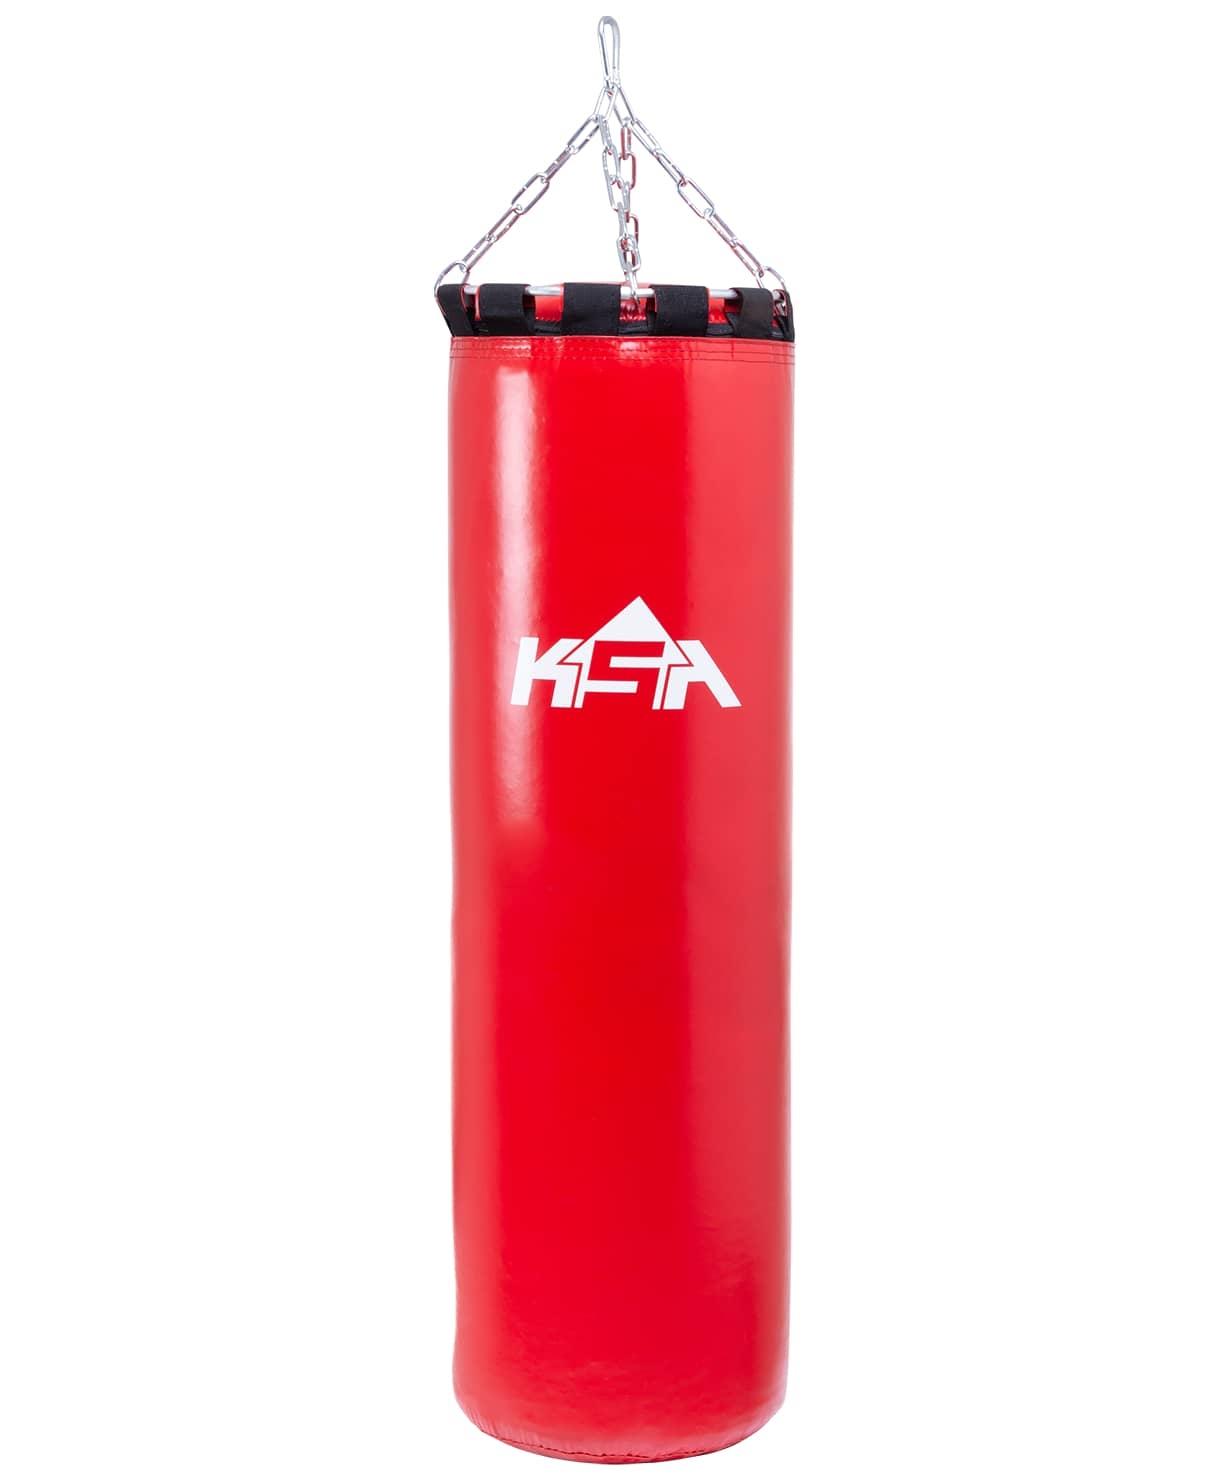 Мешок боксерский PB-01, 120 см, 55 кг, тент, красный